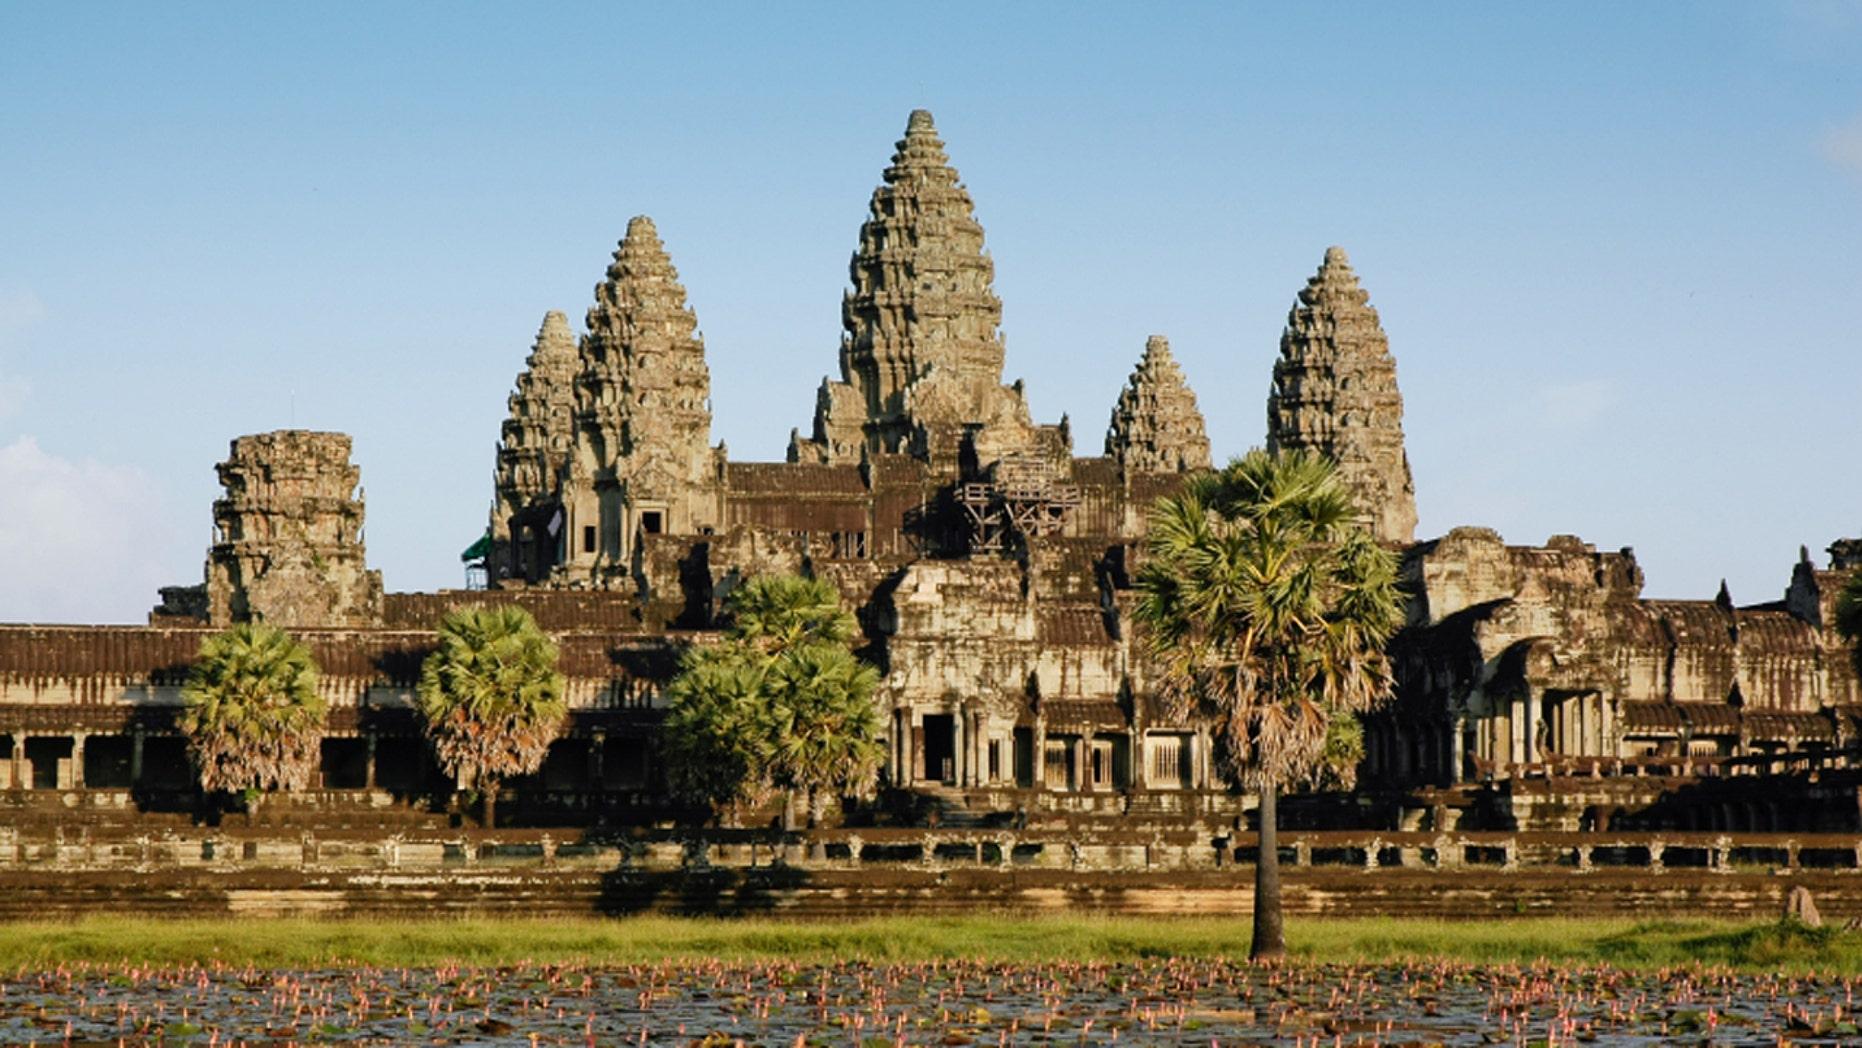 Angkor Wat file photo